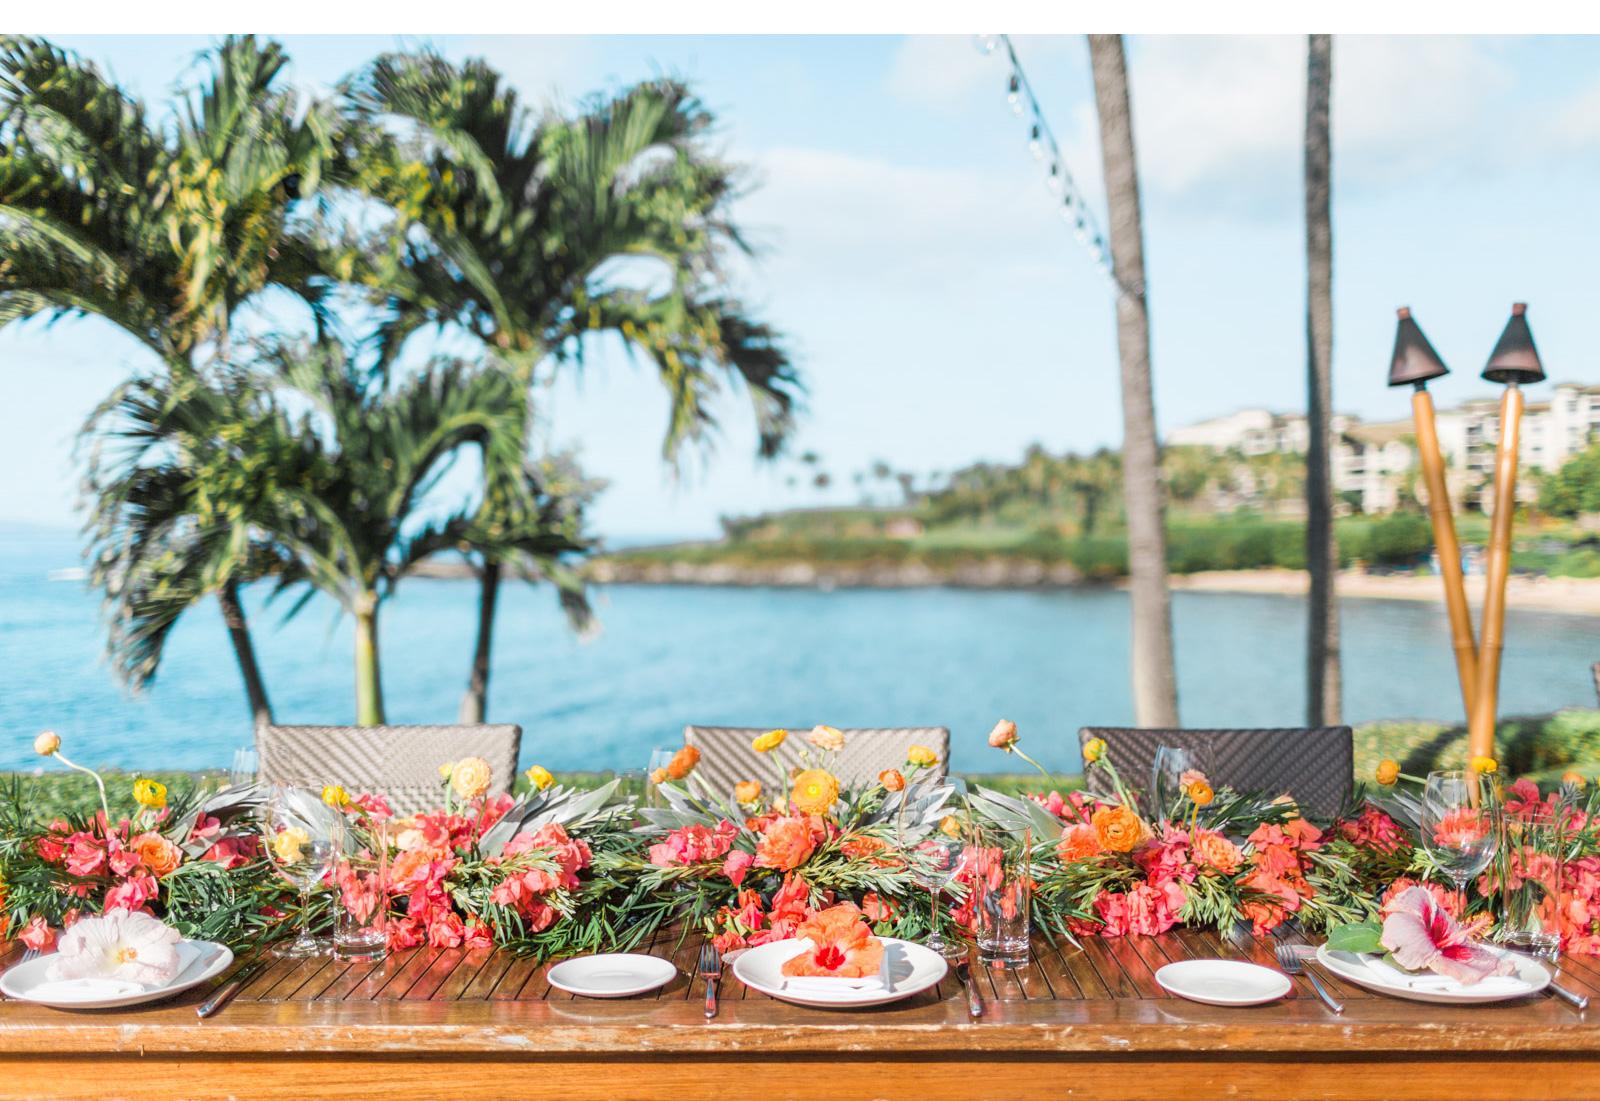 Natalie-Schutt-Photography---Maui-Destination-Wedding-Photographer_06.jpg